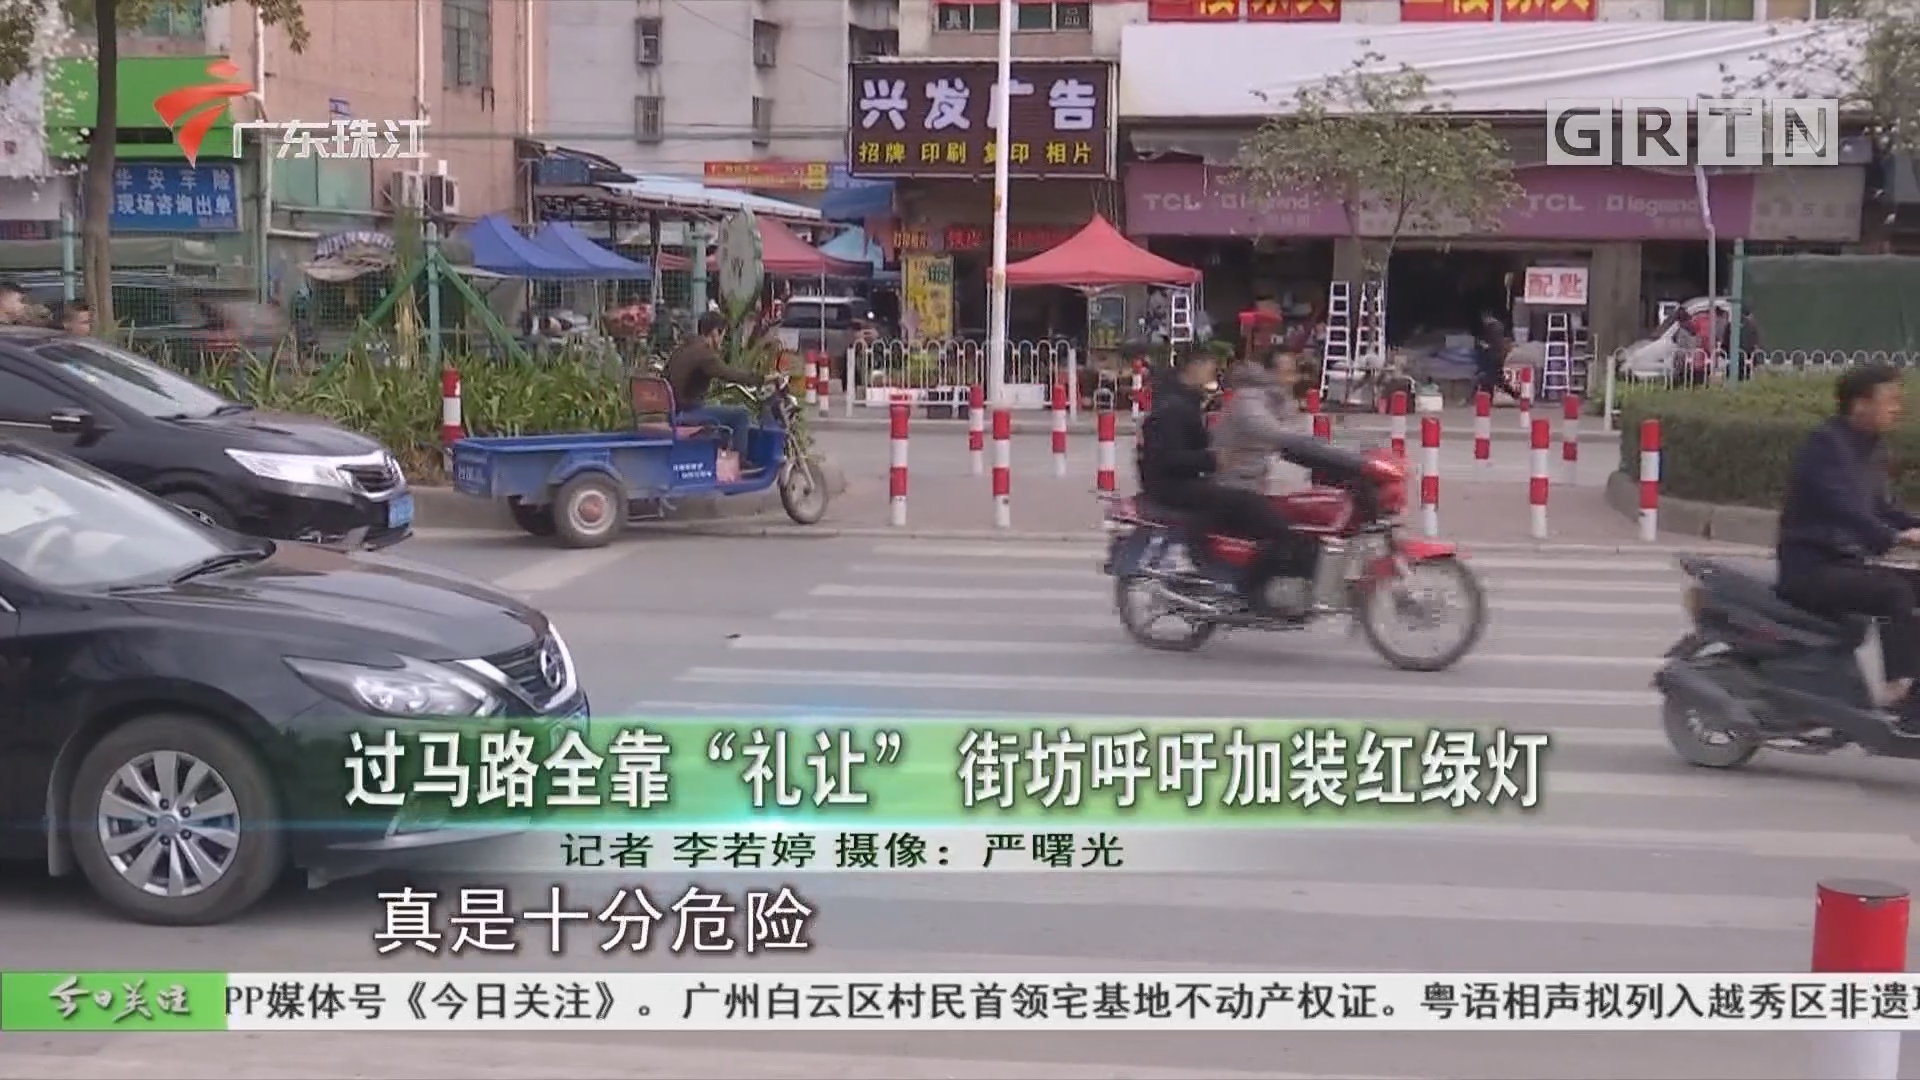 """过马路全靠""""礼让"""" 街坊呼吁加装红绿灯"""